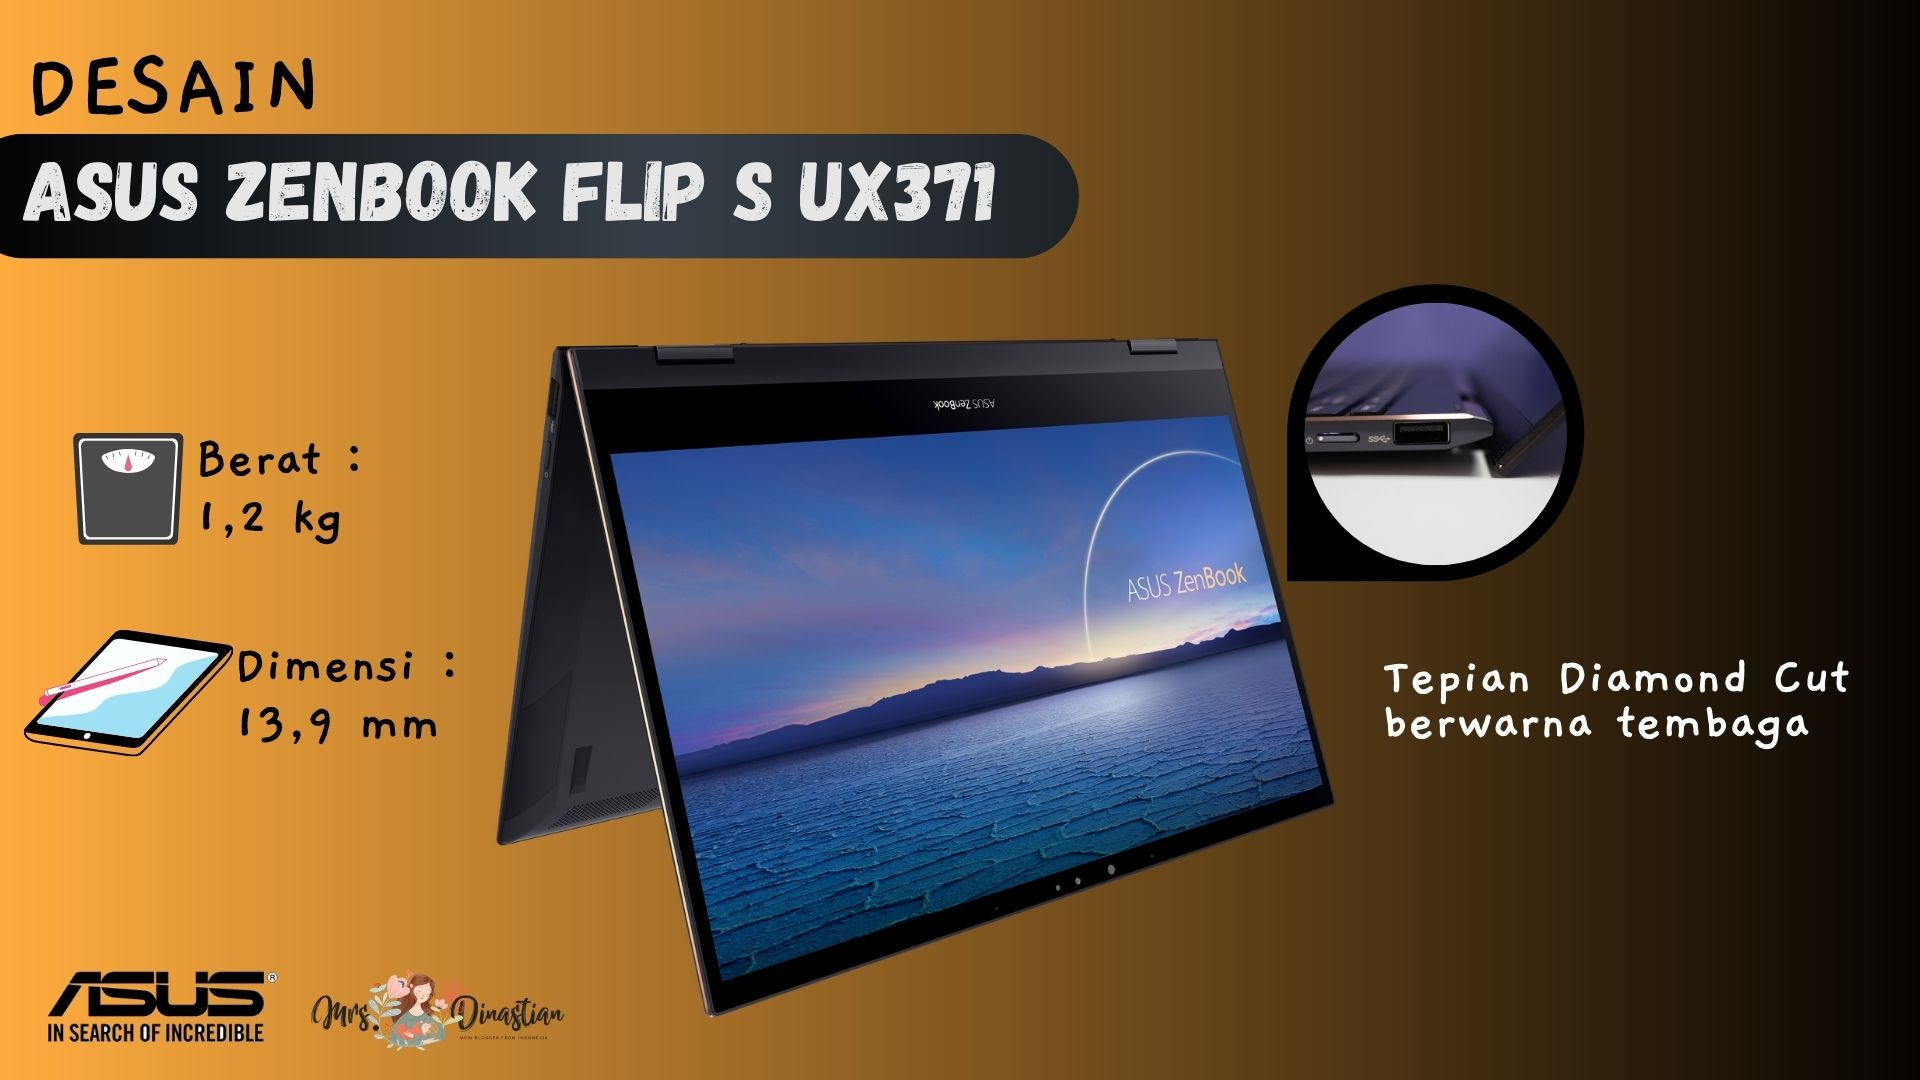 Desain ASUS Zenbook Flip S UX371